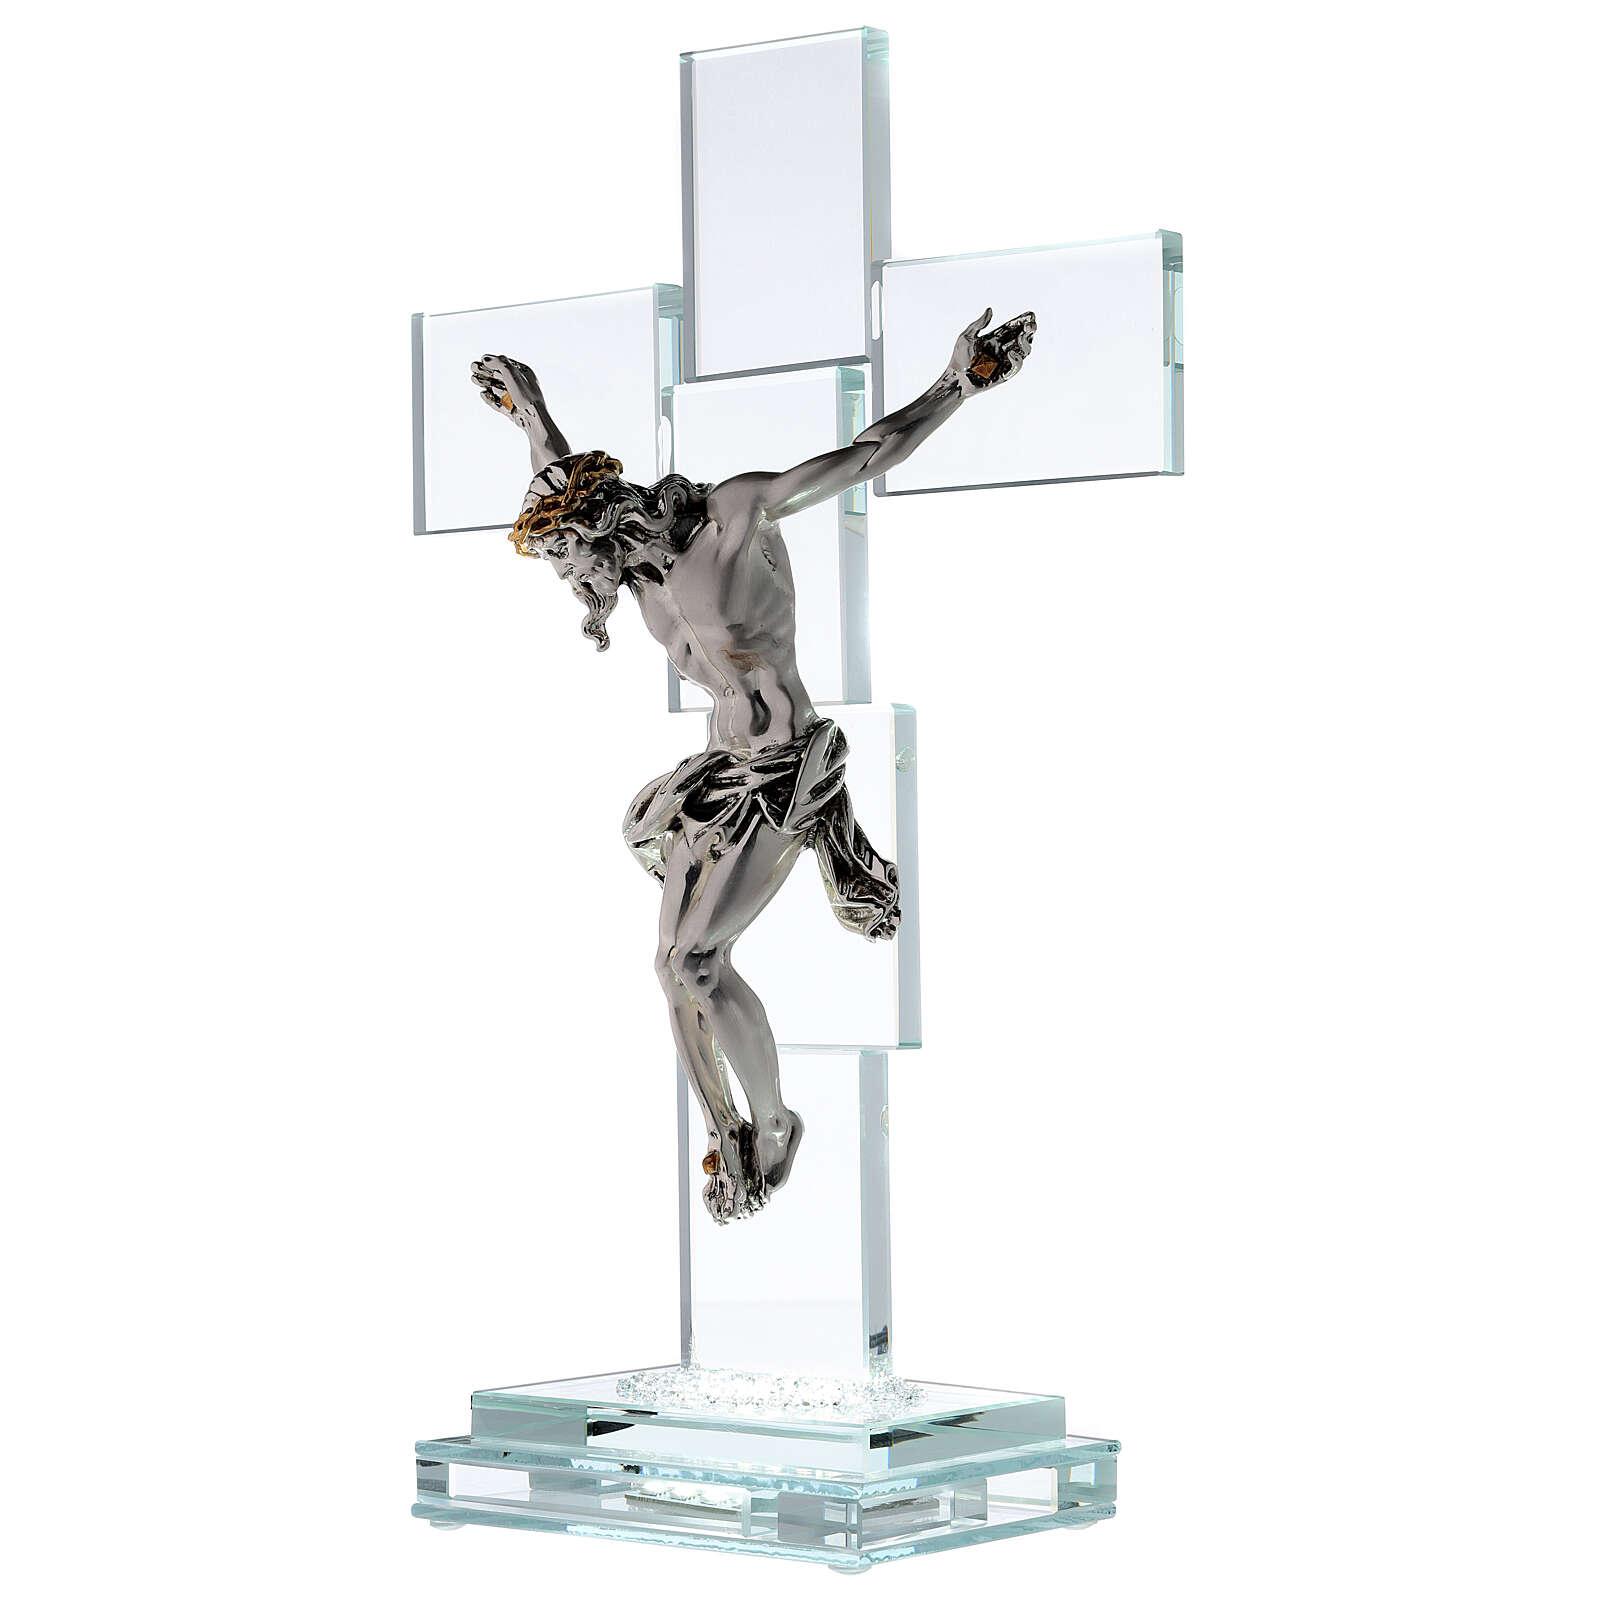 Crucfijo cristal cuerpo metal y lámpara 4